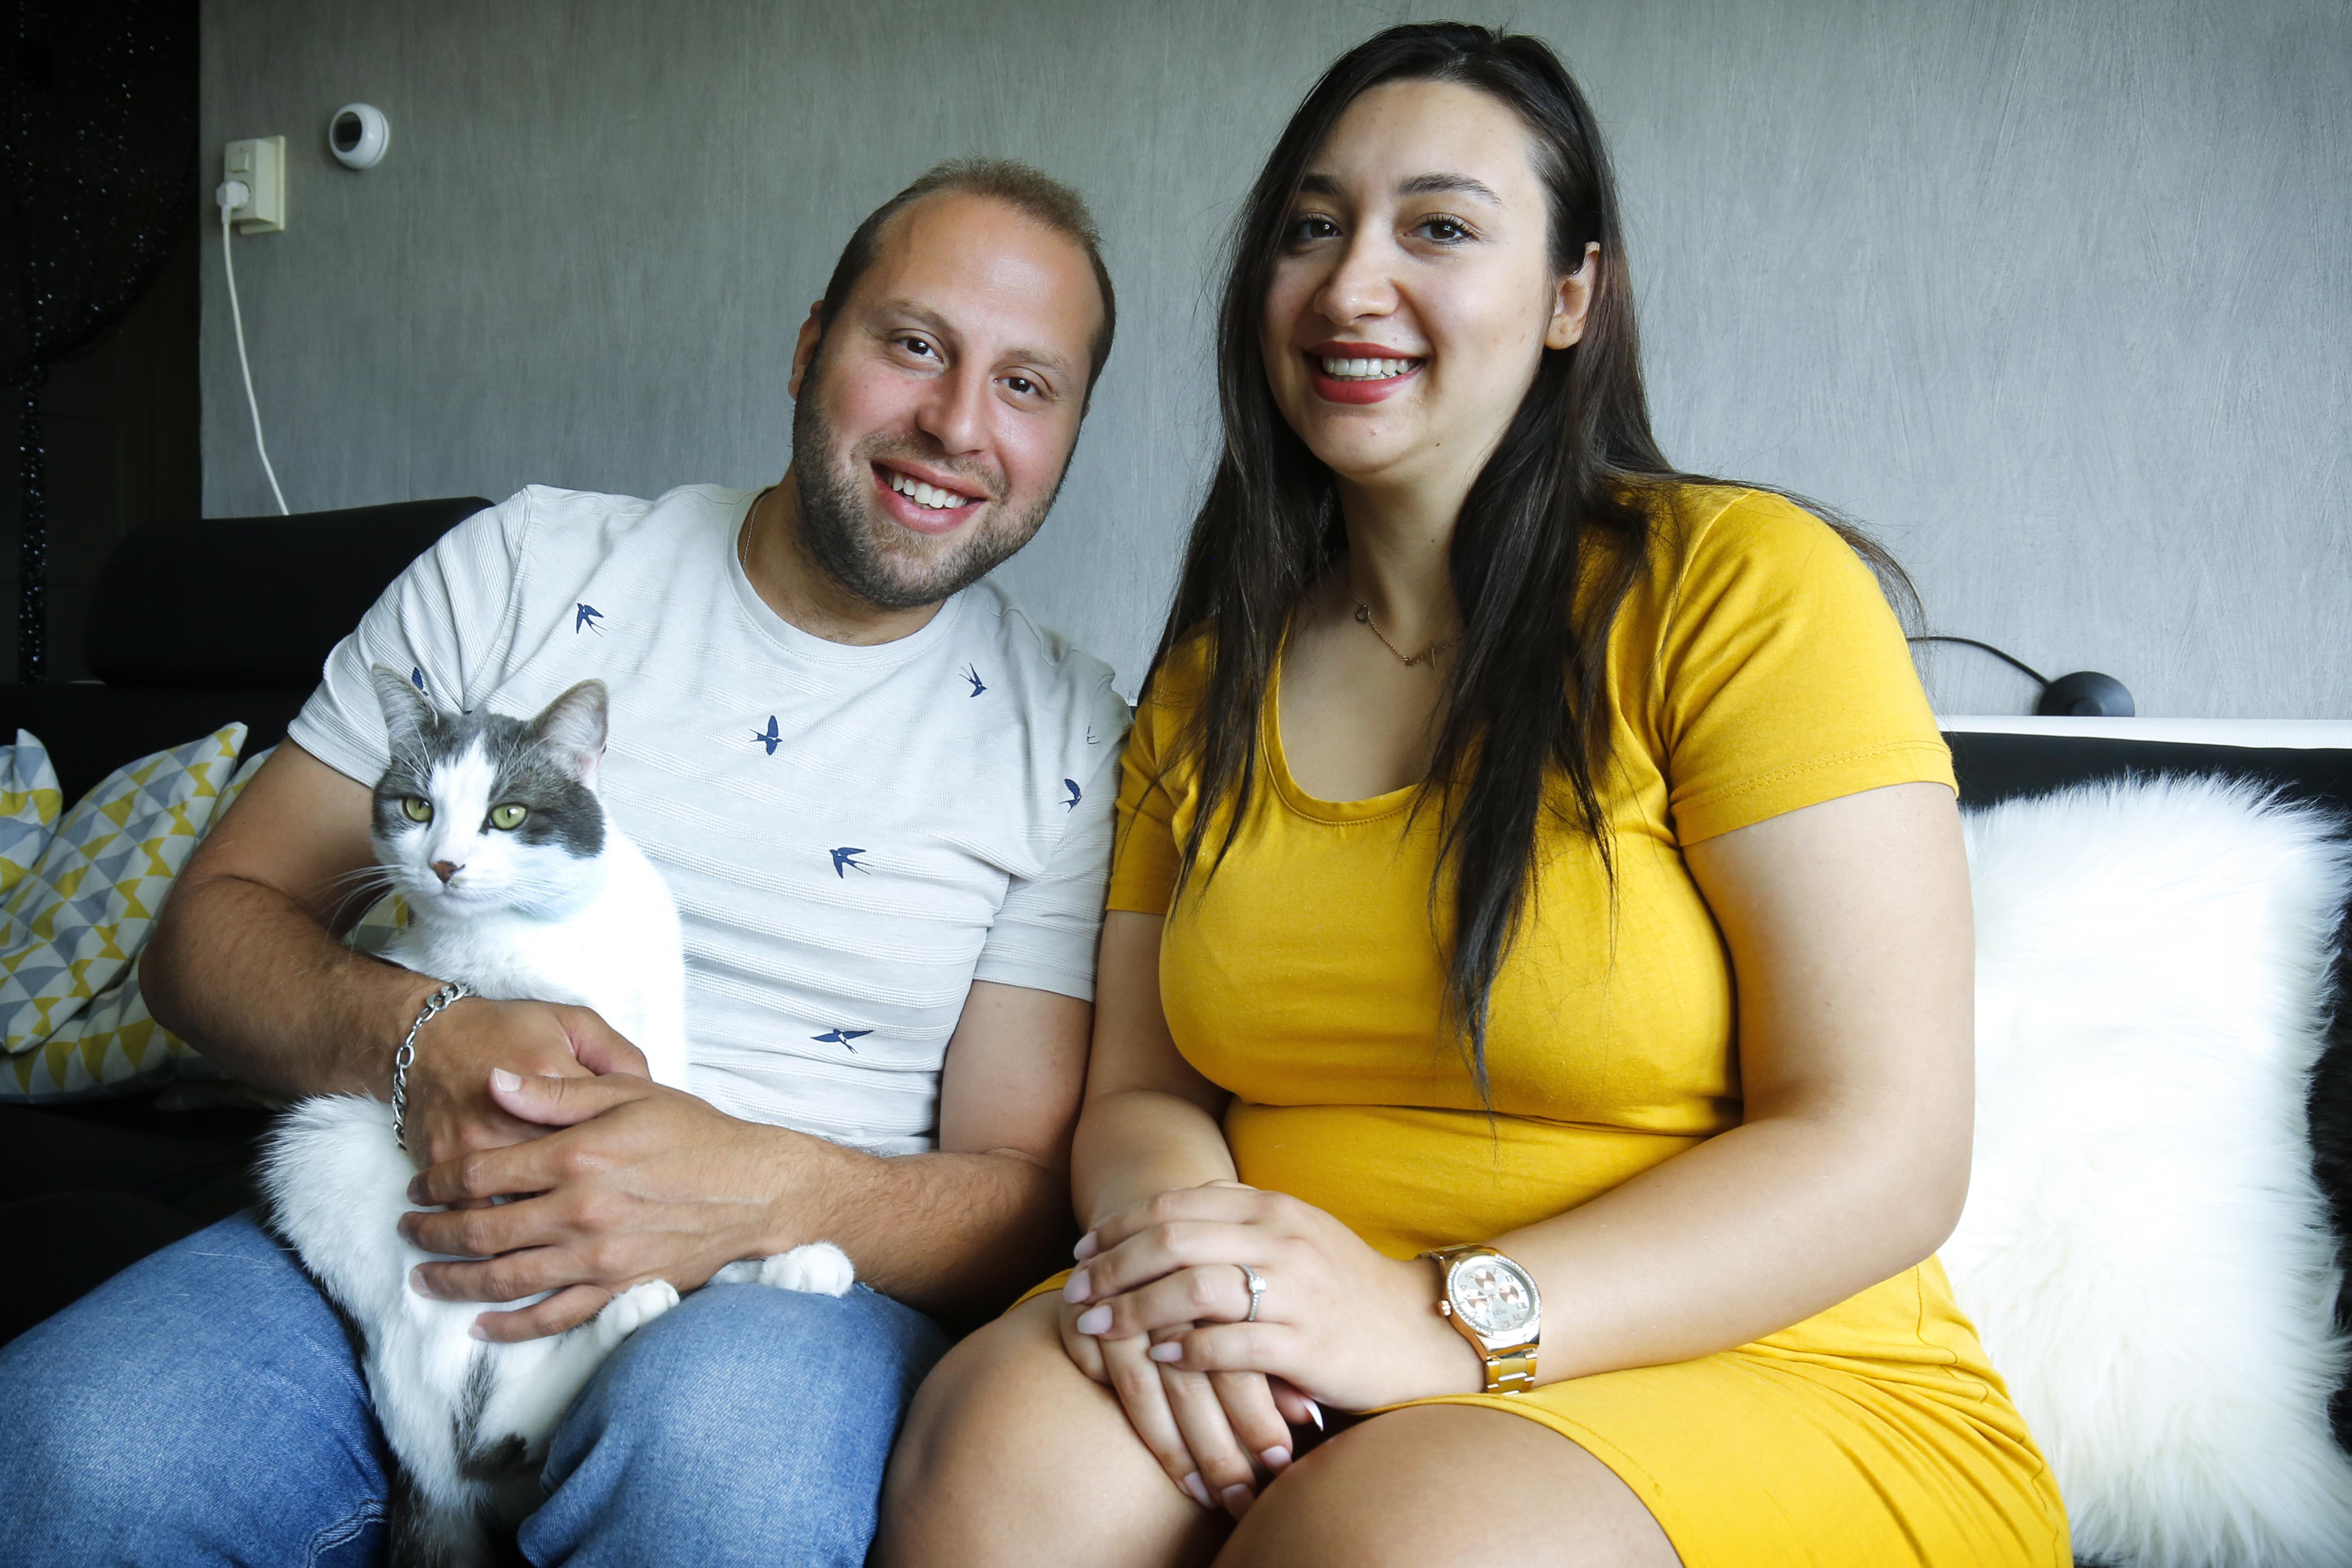 Economische catastrofe thuis raakt Syriërs in Haarlem: 'Ik moet tien familieleden onderhouden'